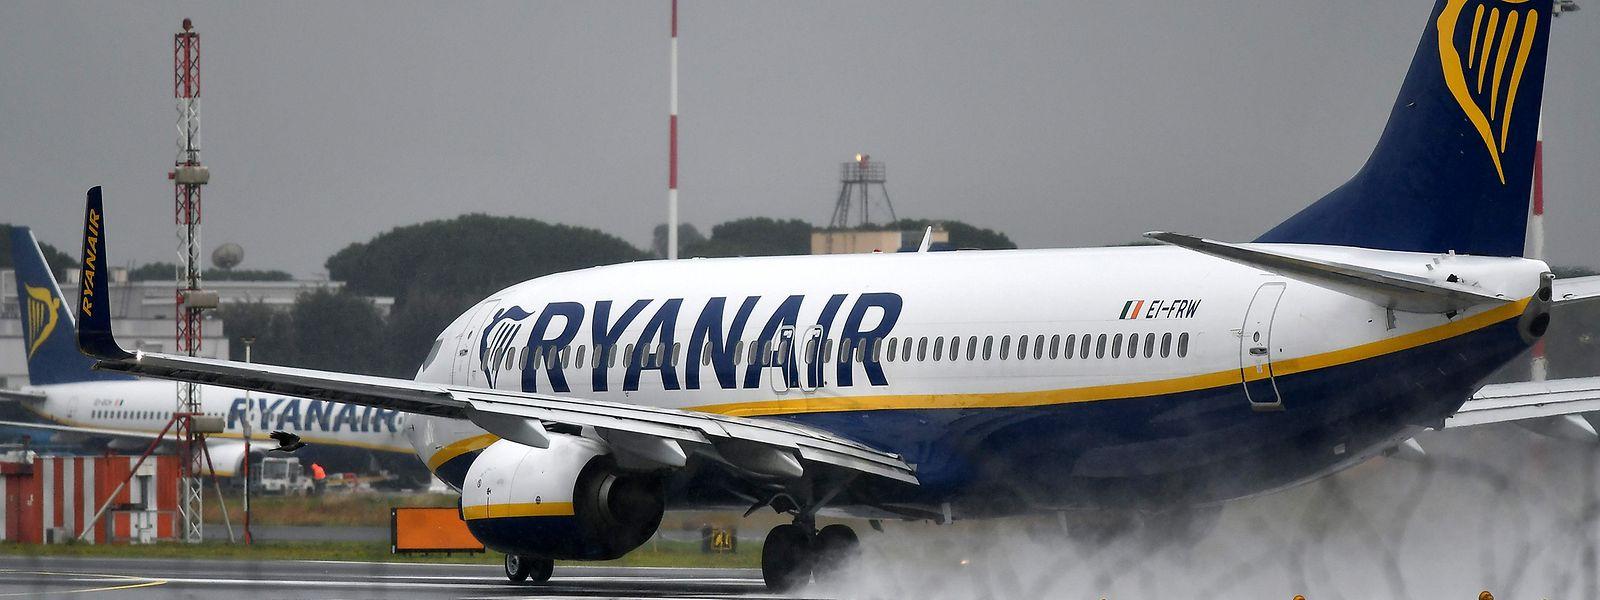 Am 10. August werden 104 Flüge der Billig-Airline ausfallen.